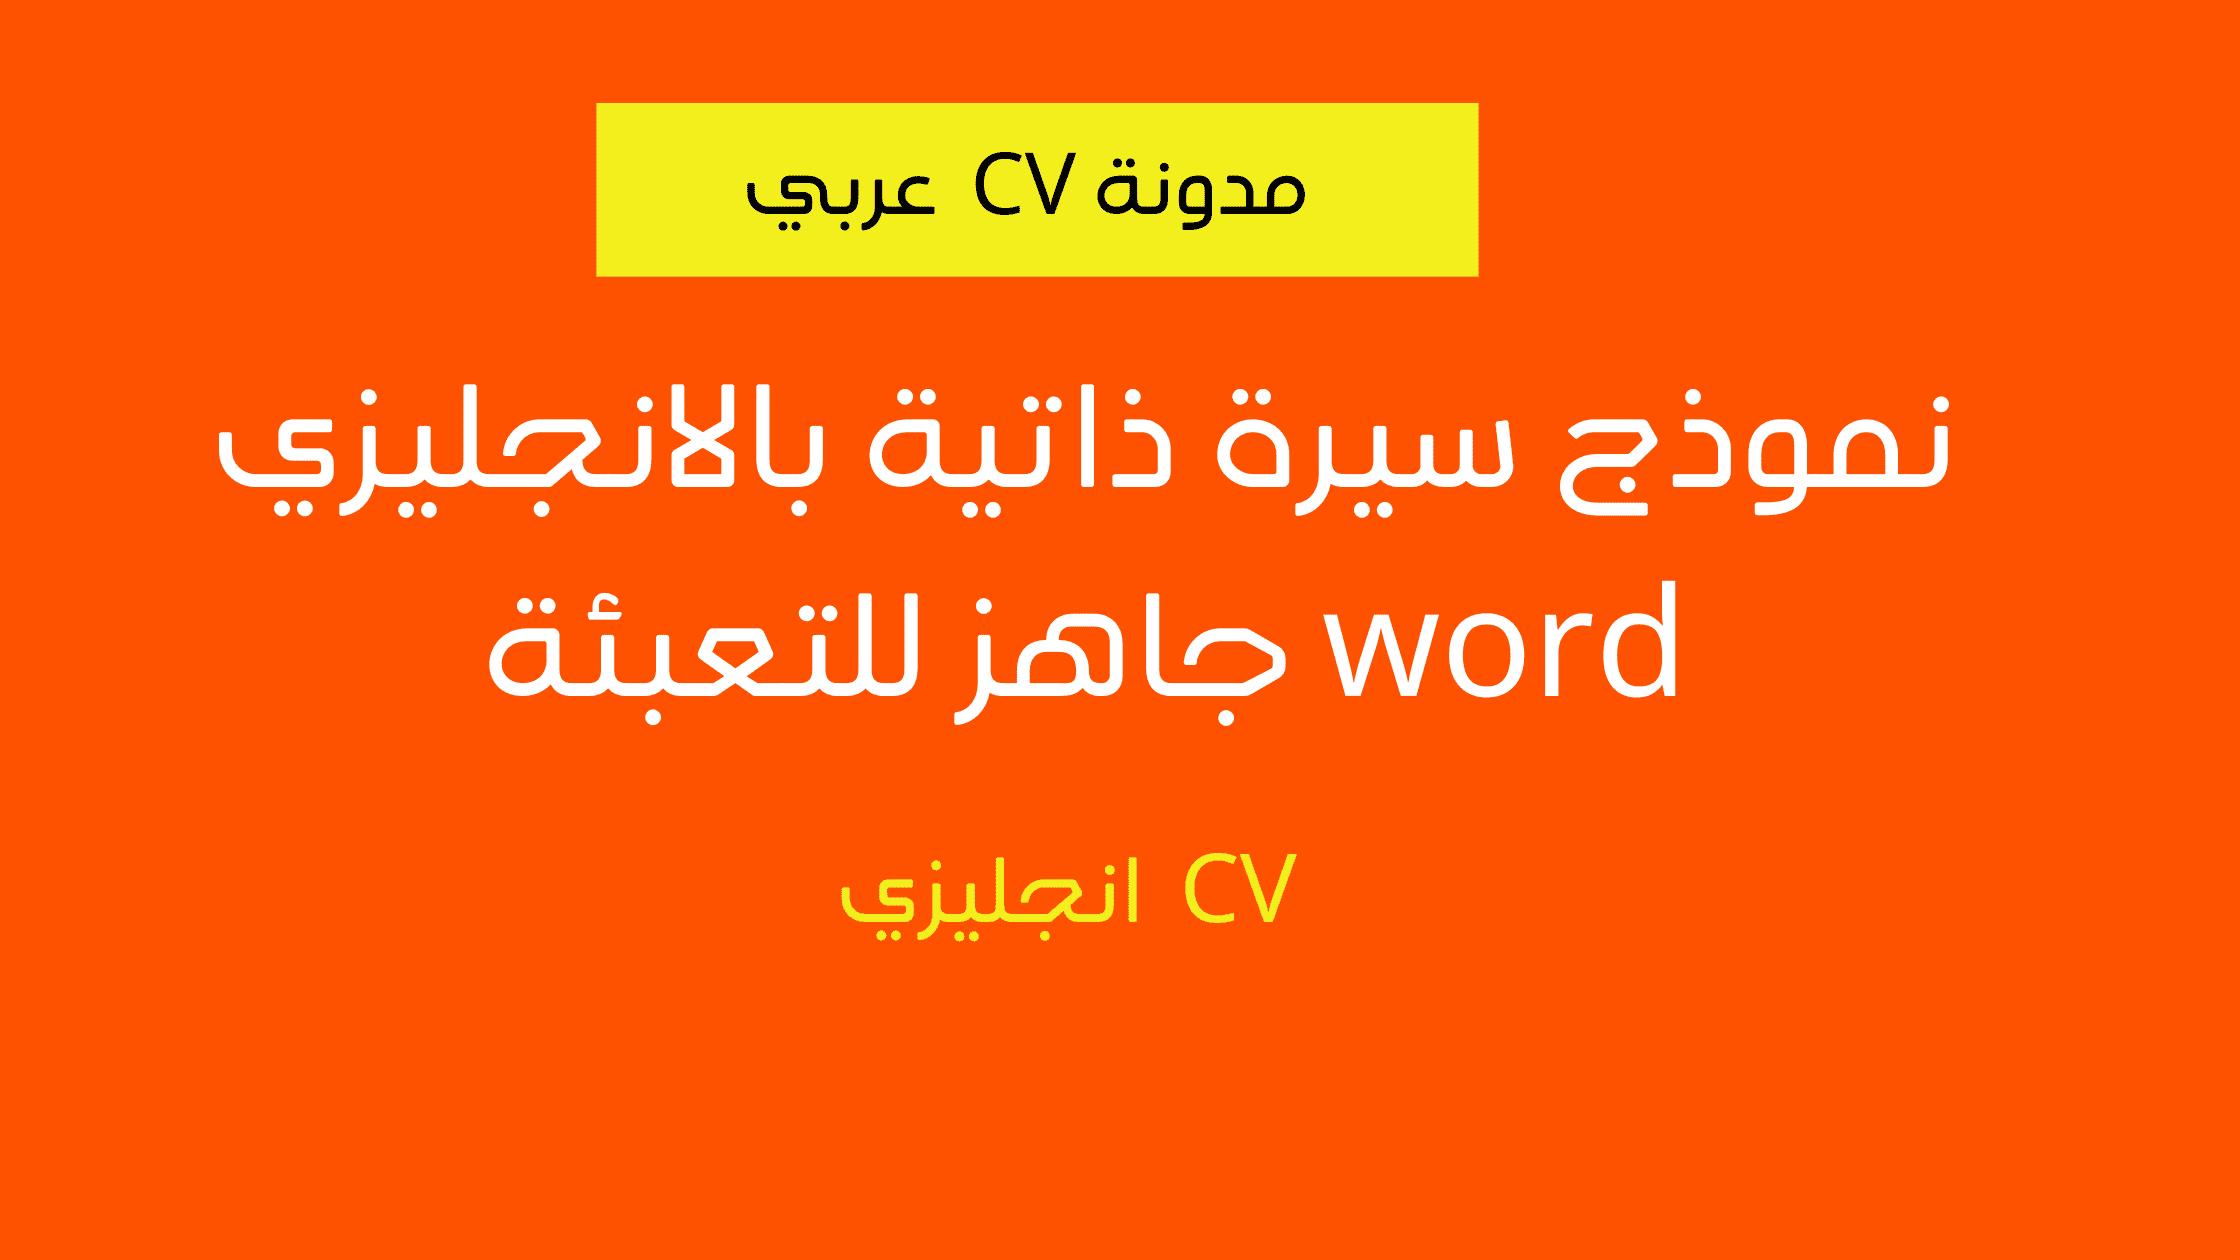 تحميل Cv قابل للتعديل انجليزي 0